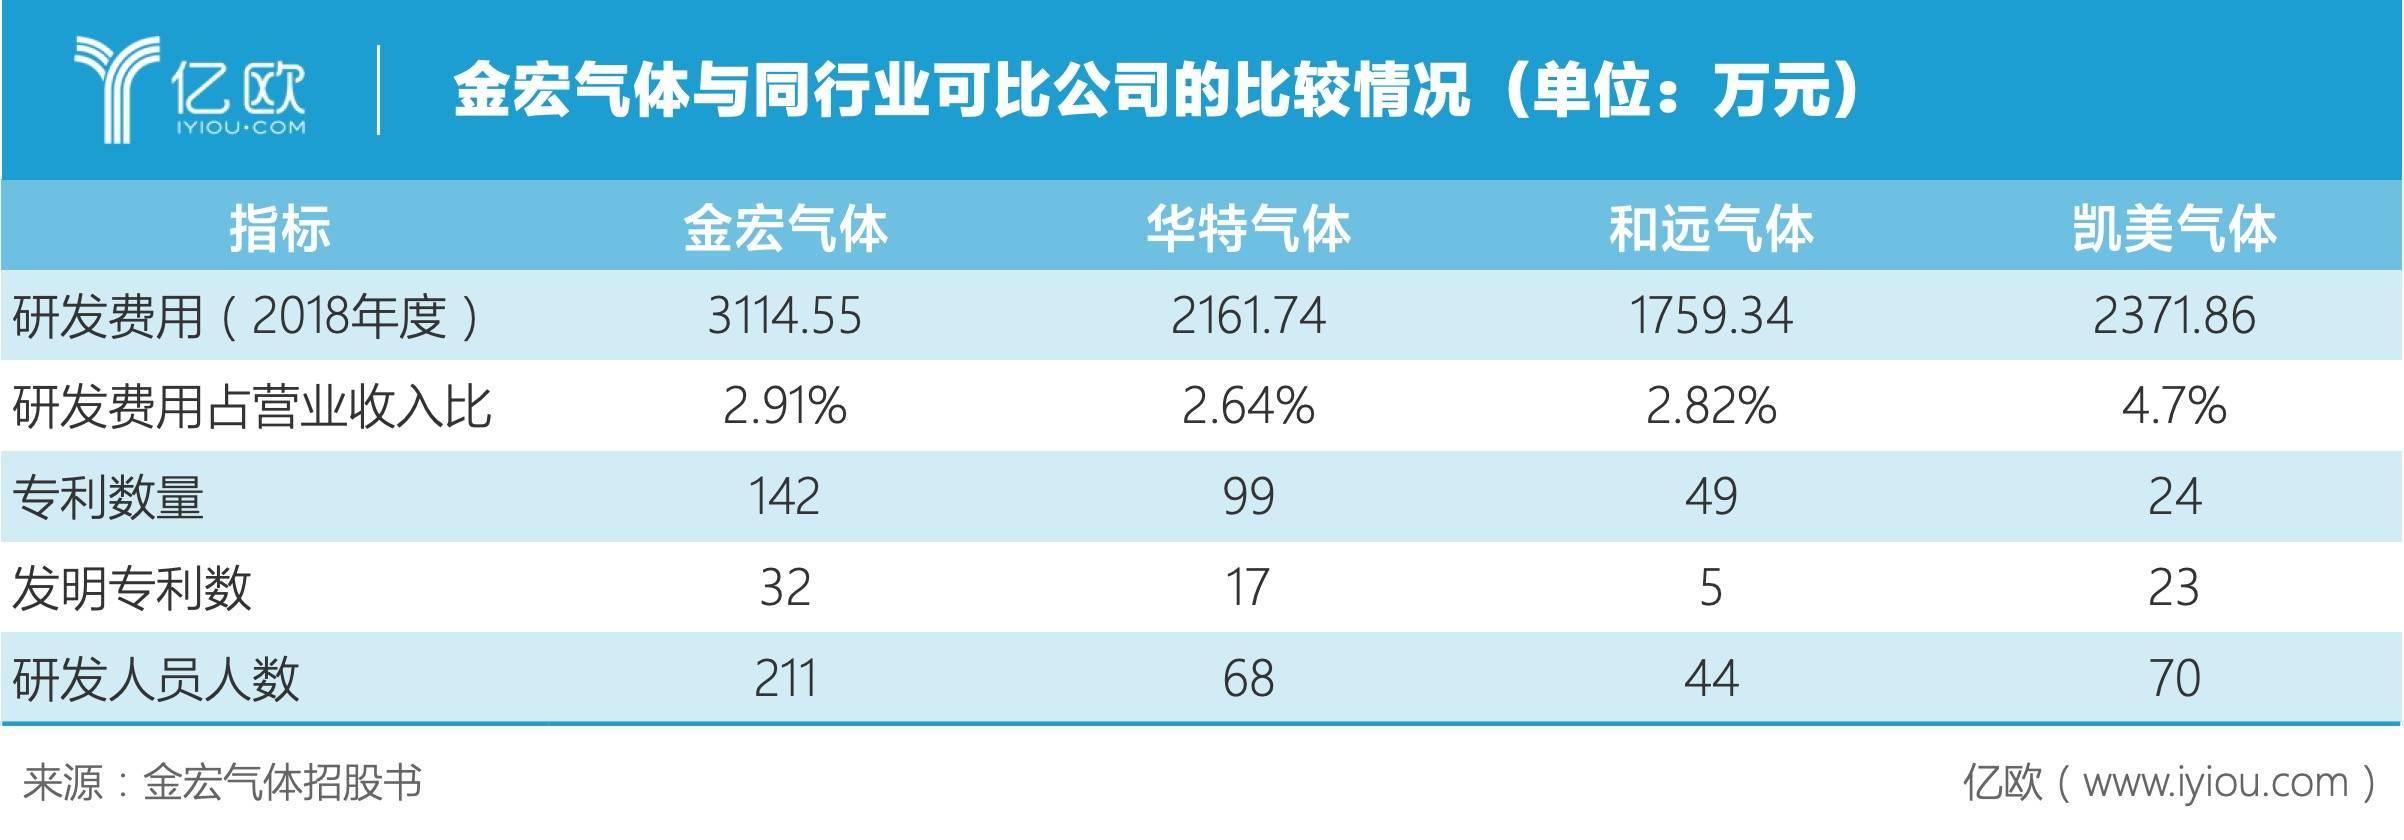 金宏气体与同行业可比公司的比较情况(单位:万元)